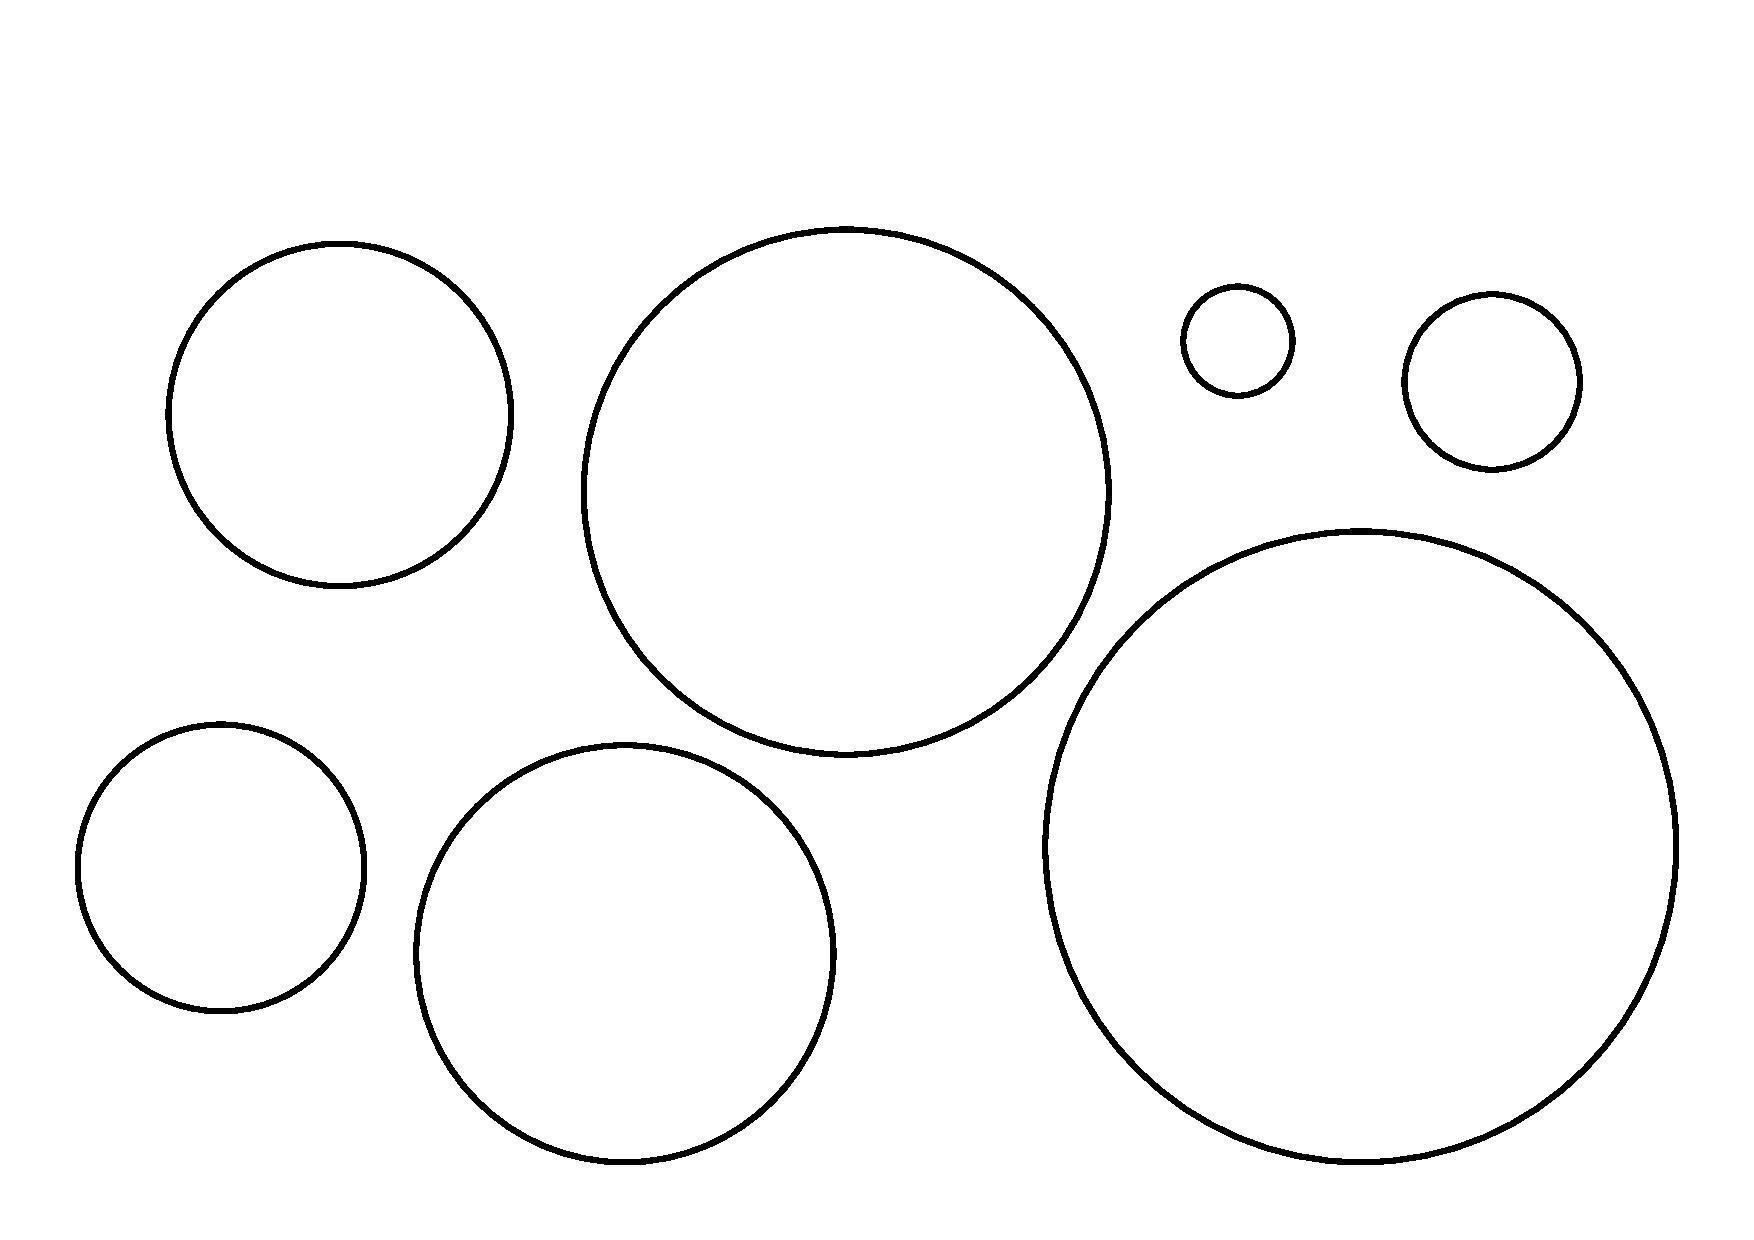 okul_öncesinde_geometrik_şekiller_kesme_çalışmaları_güzel